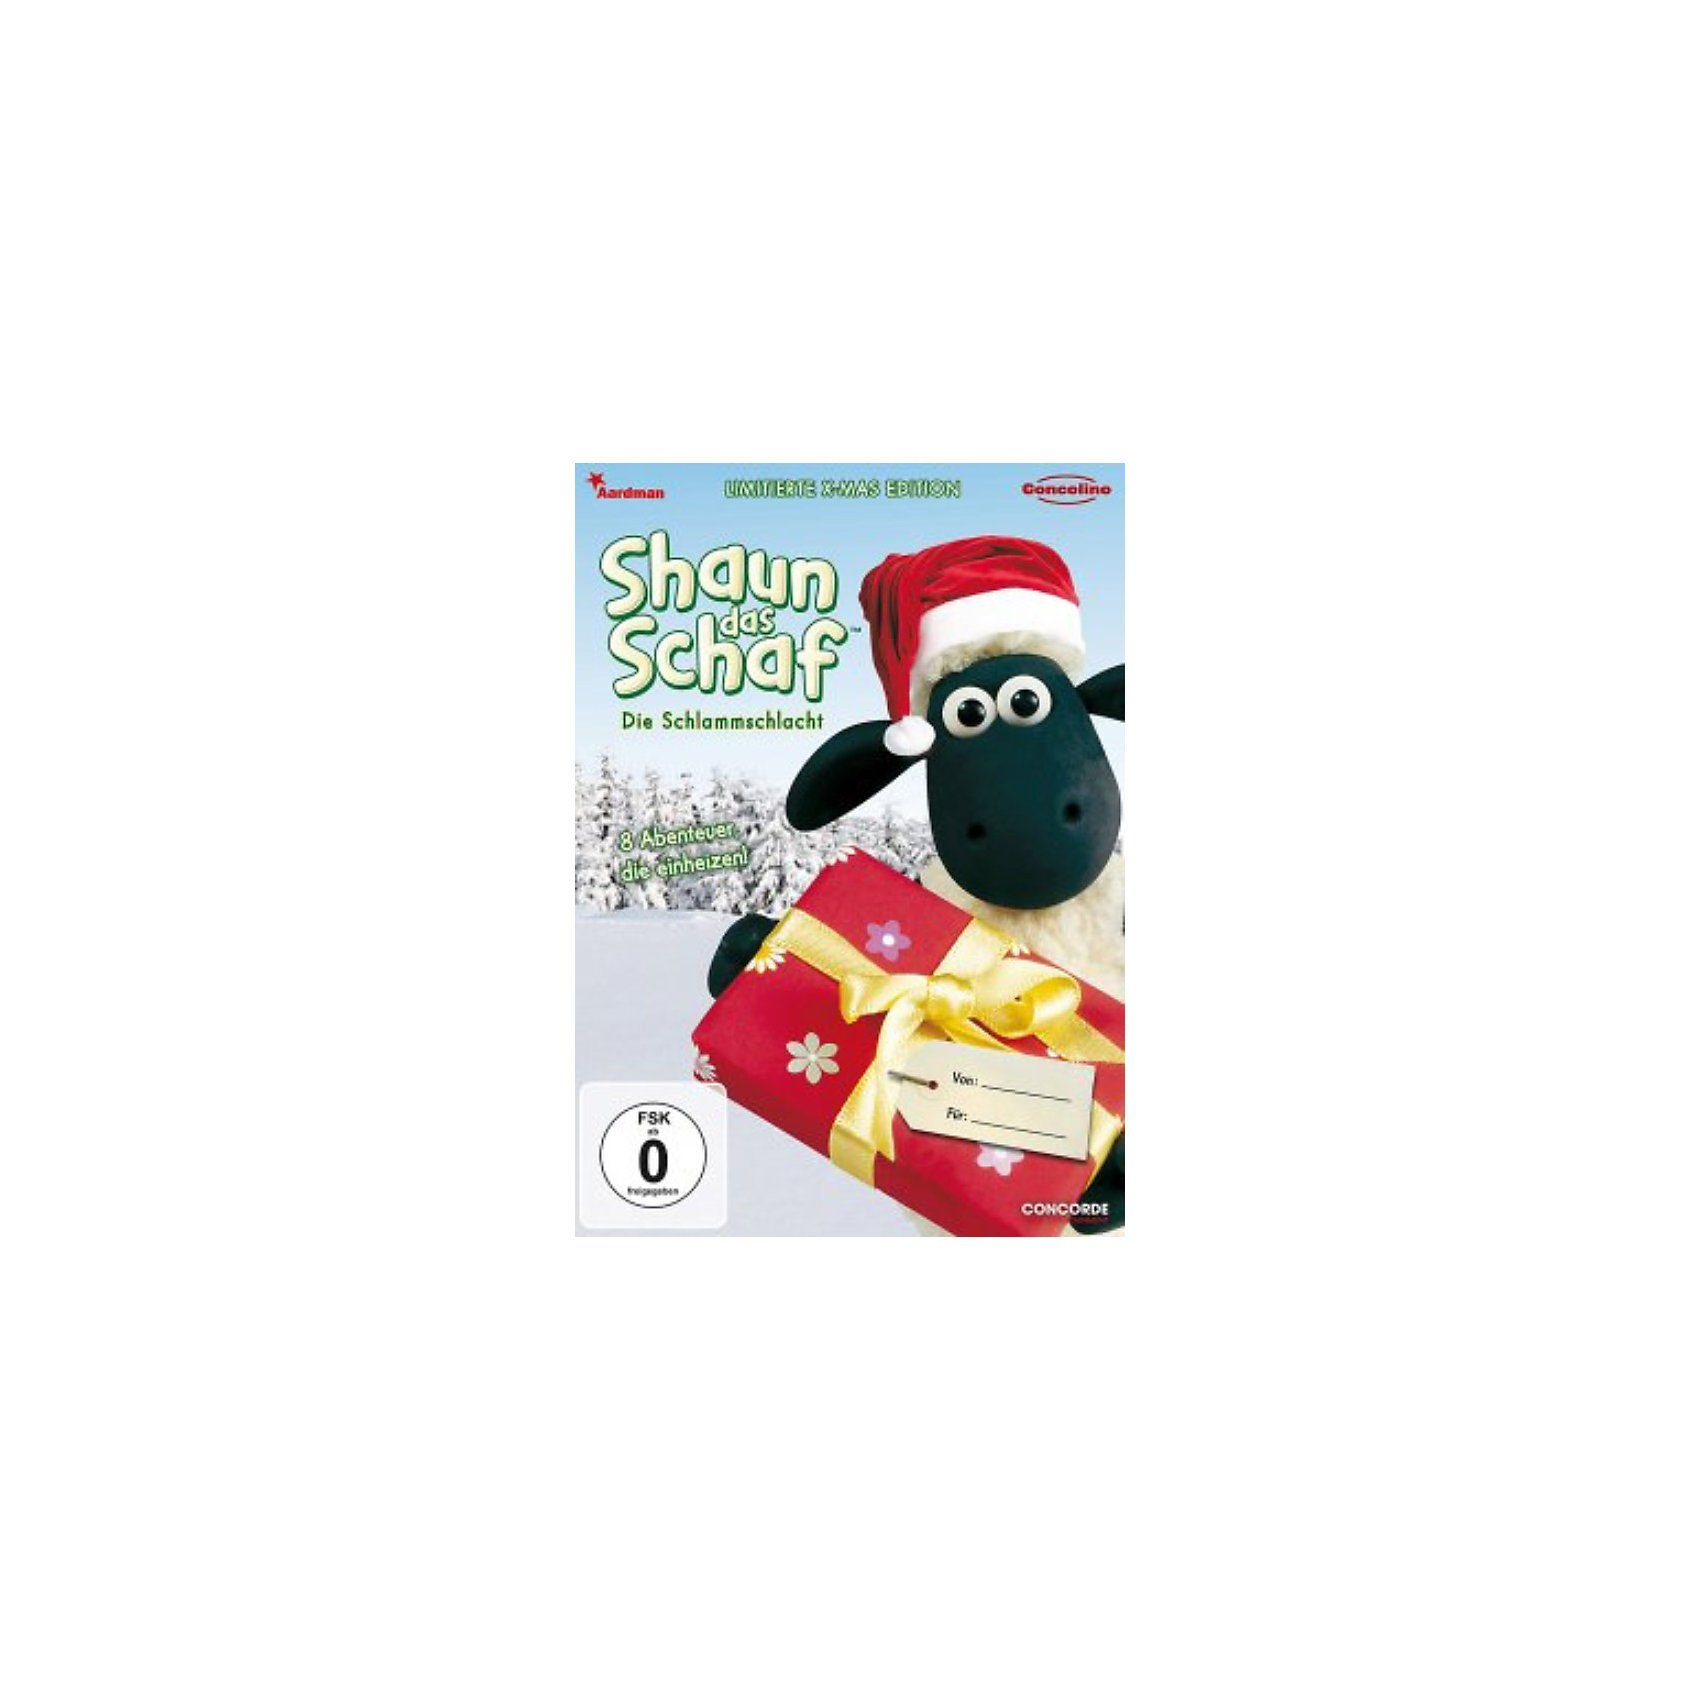 DVD Shaun das Schaf - Die Schlammschlacht